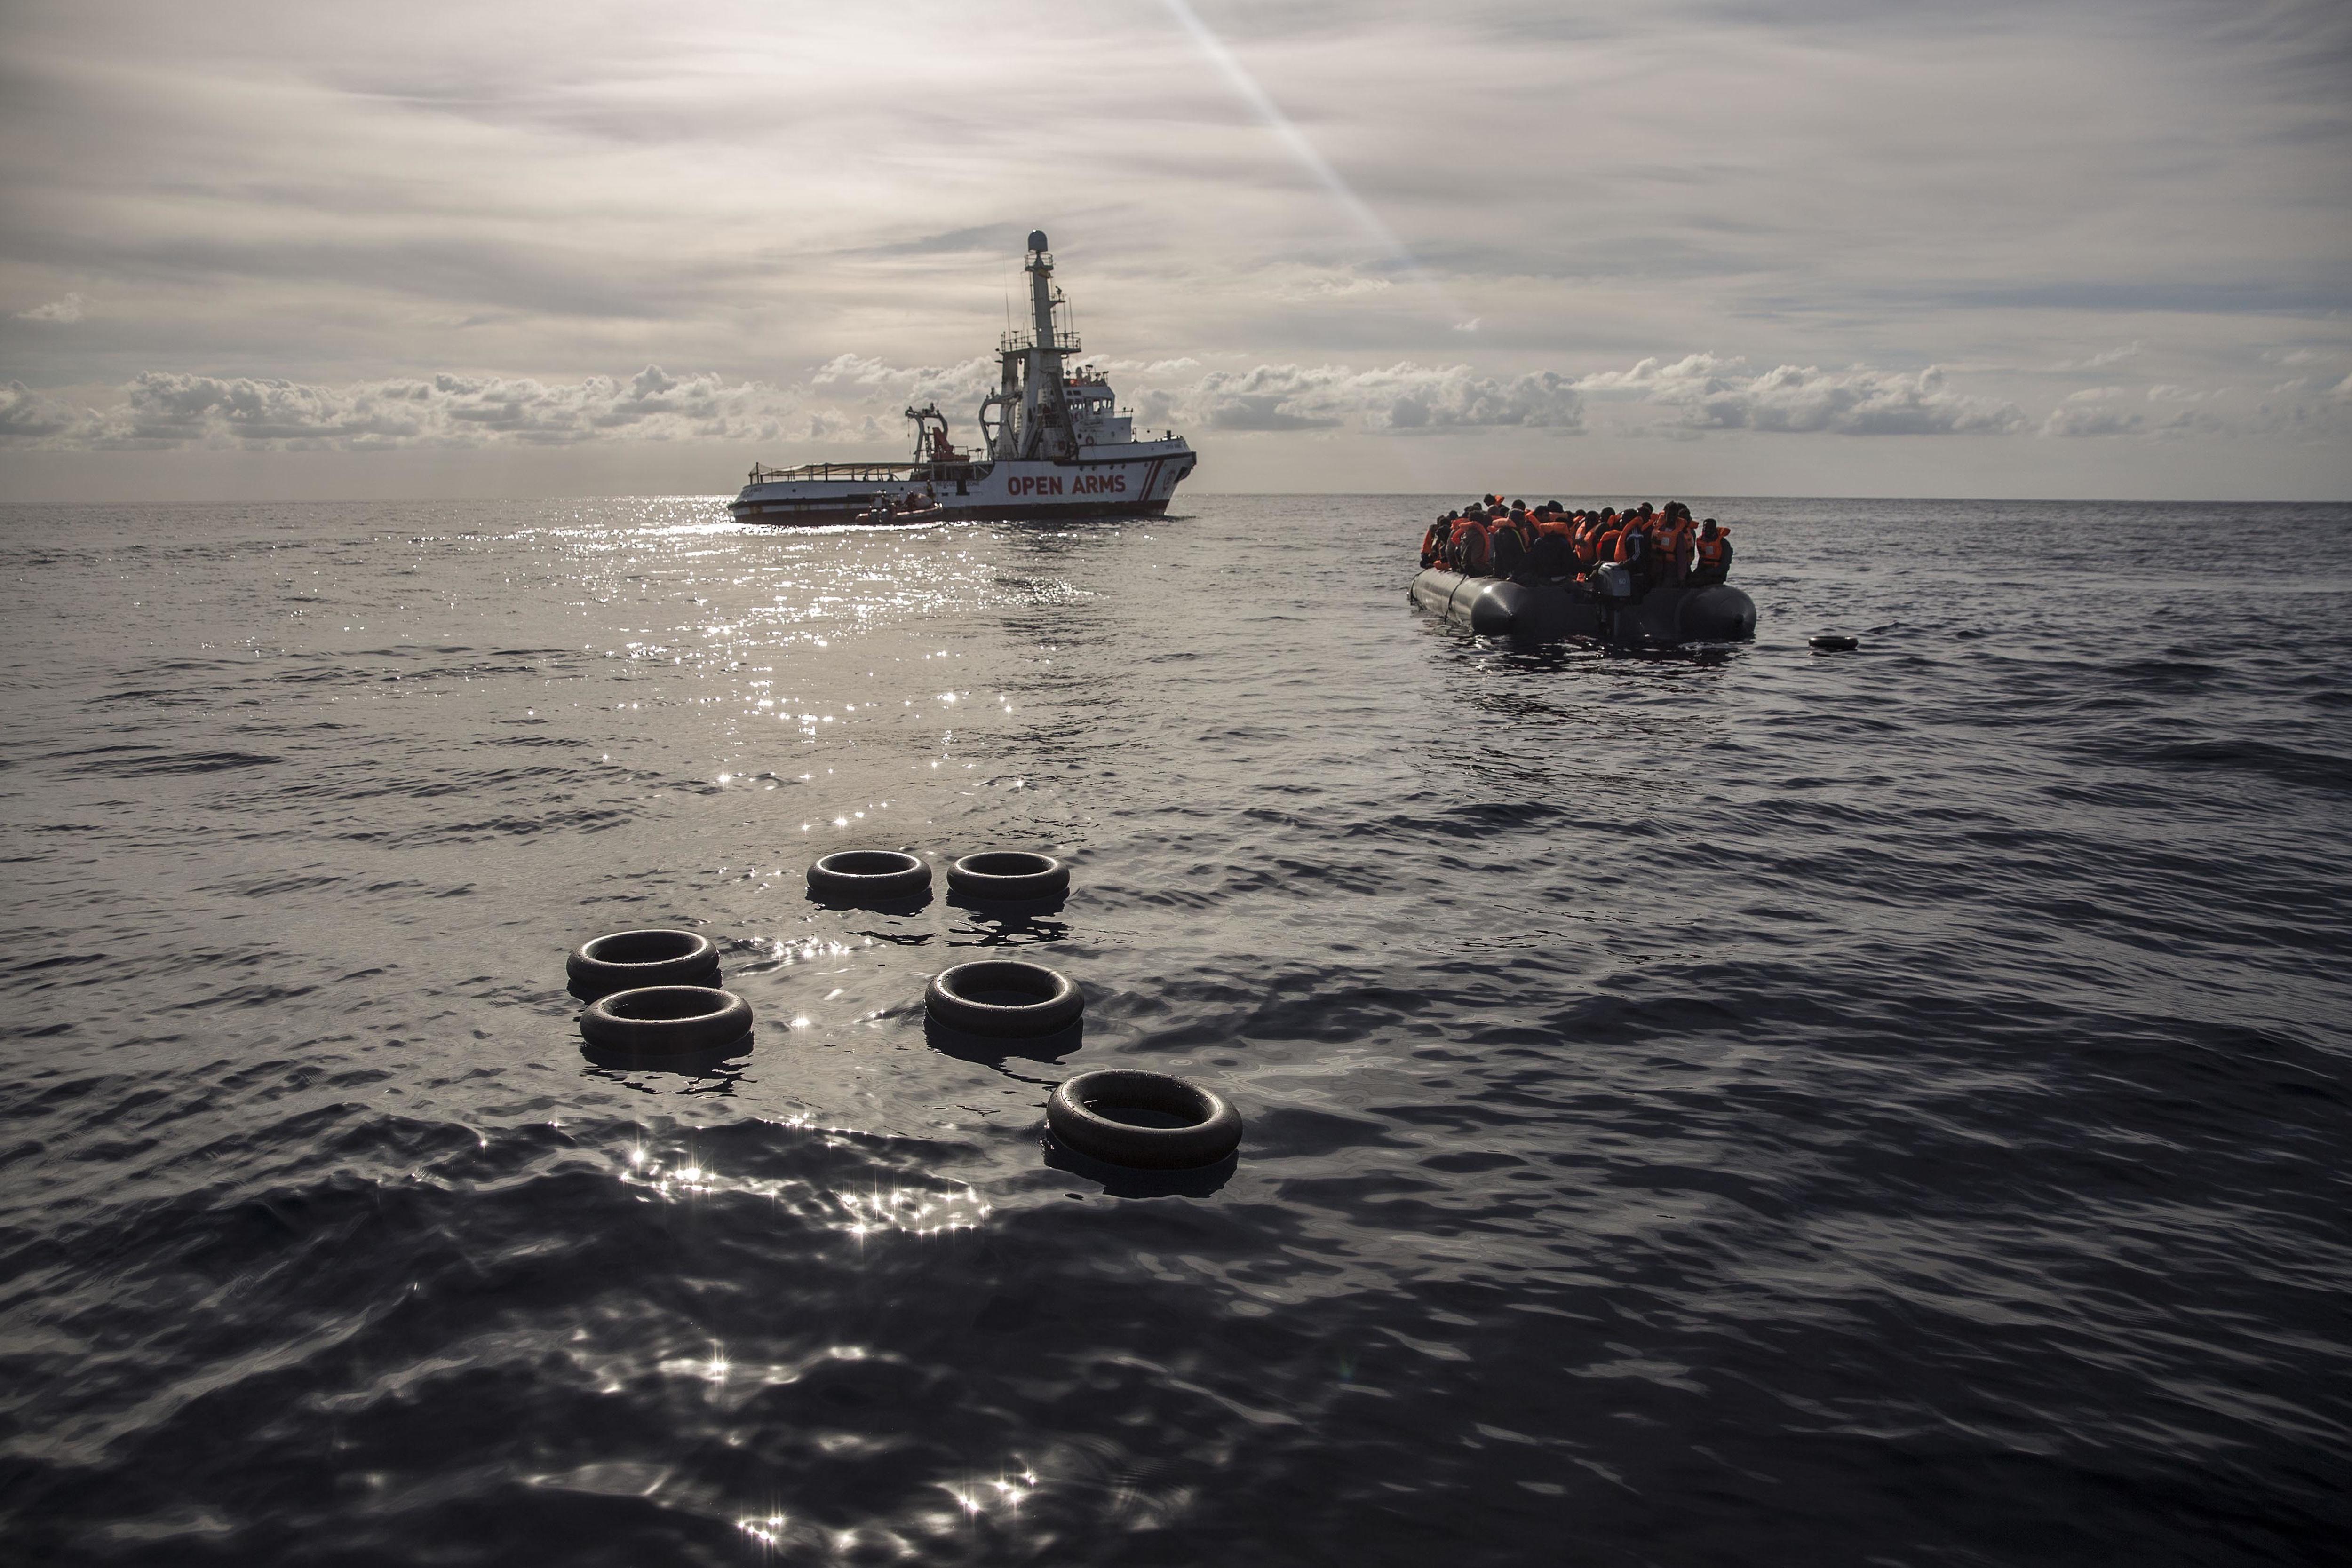 Több mint 65 ember fulladt a tengerbe Tunézia partjainál